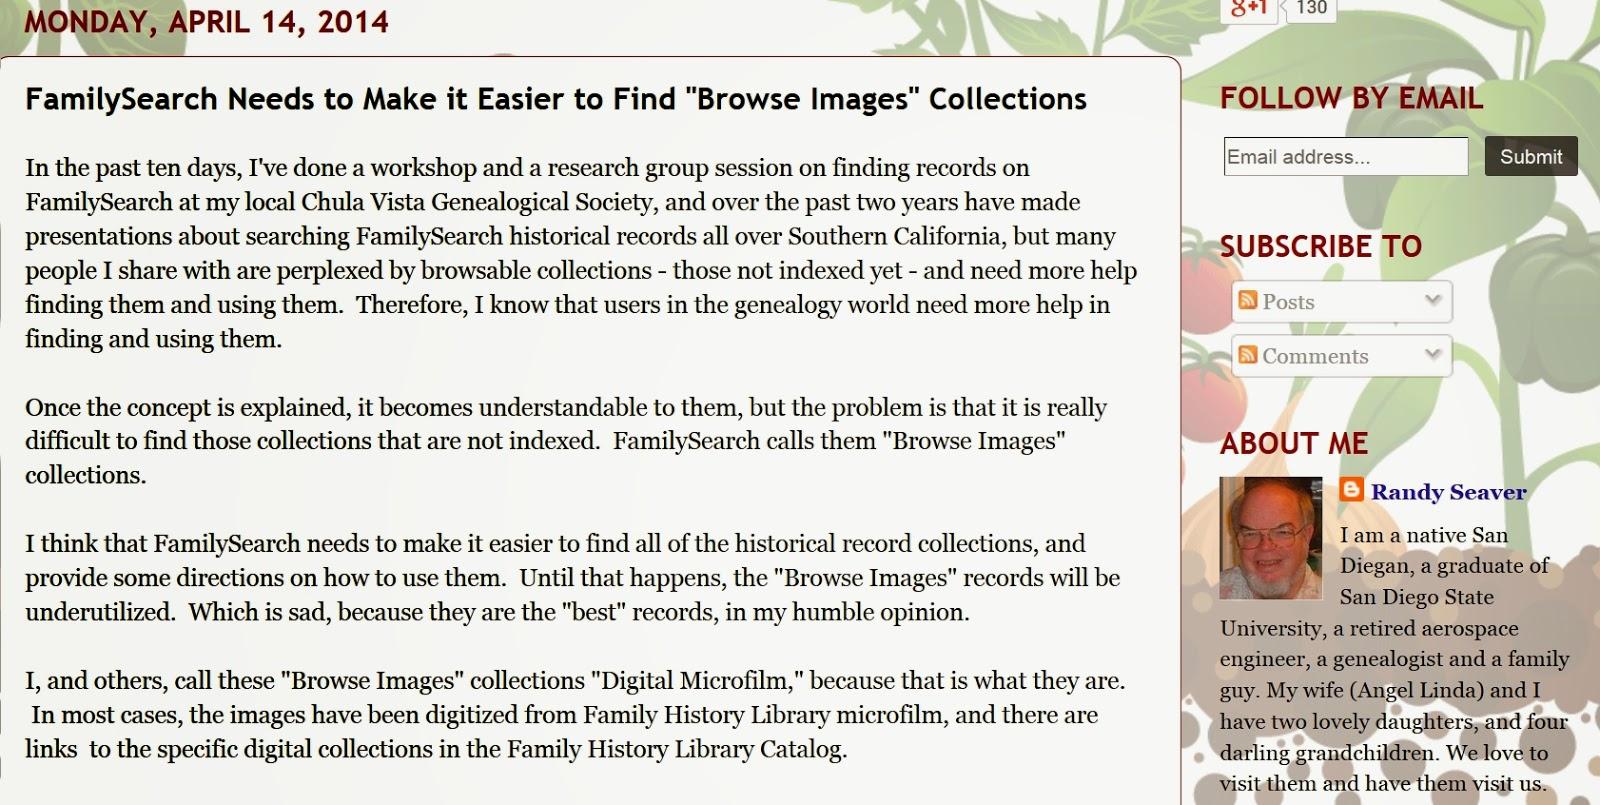 http://www.geneamusings.com/2014/04/familysearch-needs-to-make-it-easier-to.html?utm_source=feedburner&utm_medium=email&utm_campaign=Feed%3A+geneamusings%2FlEXw+%28Genea-Musings%29